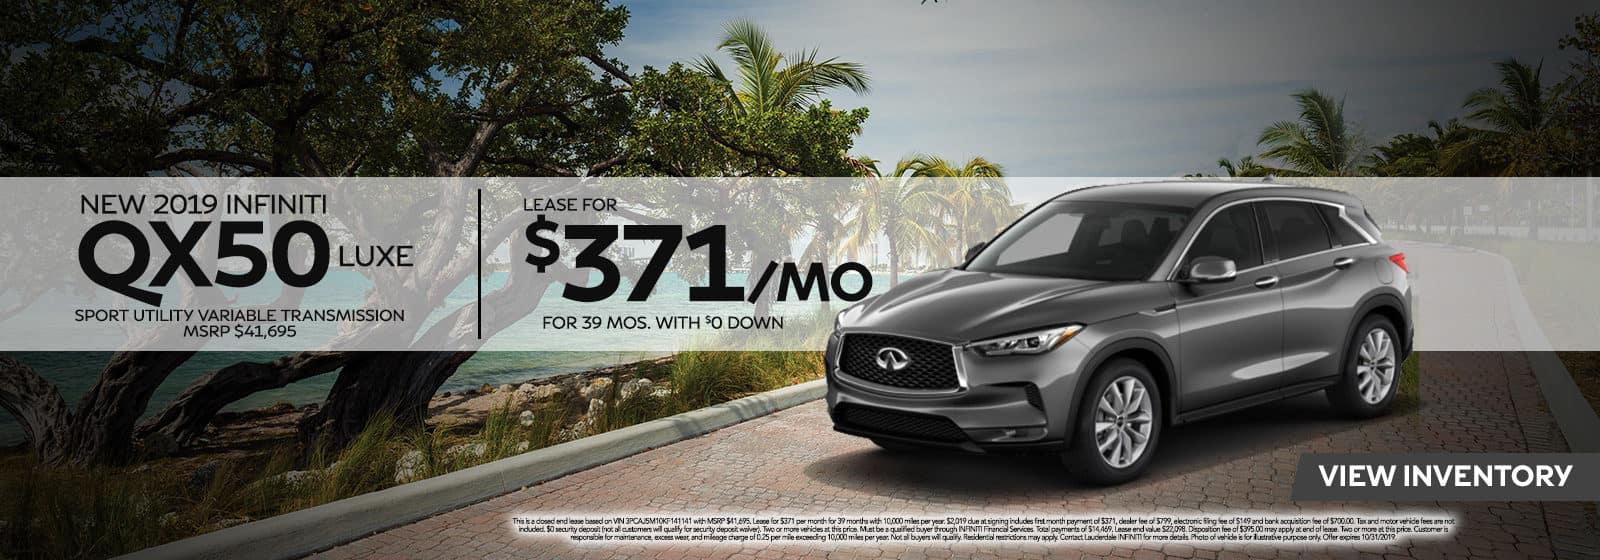 Infiniti Dealers In Florida >> New Used Infiniti Car Dealer Near Fort Lauderdale